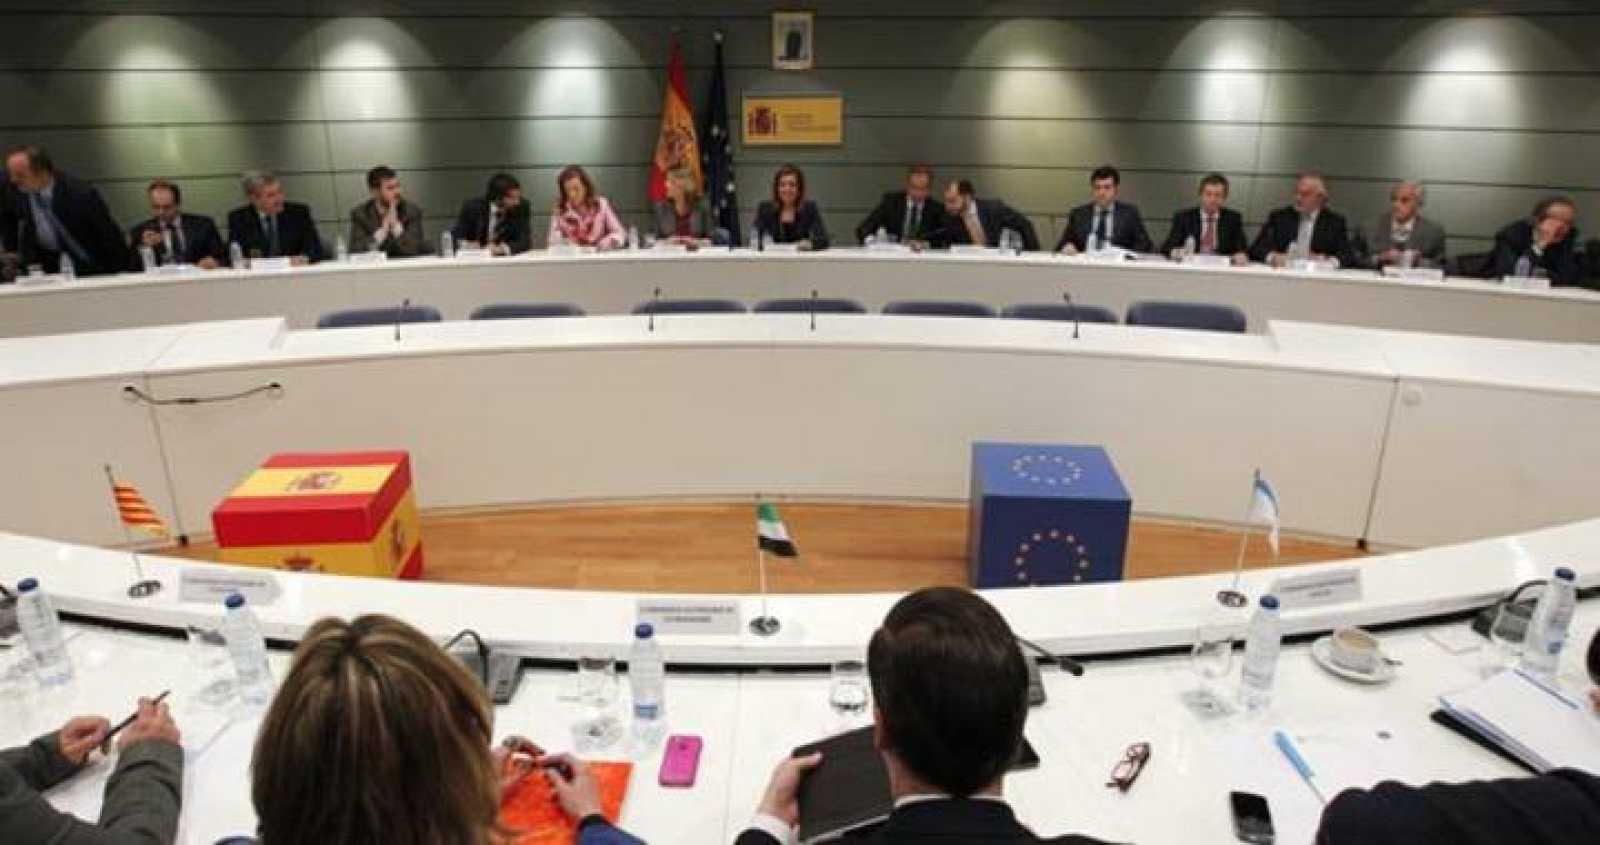 La ministra de Empleo y Seguridad Social, Fátima Báñez, presidió la Conferencia Sectorial de Empleo el pasado lunes